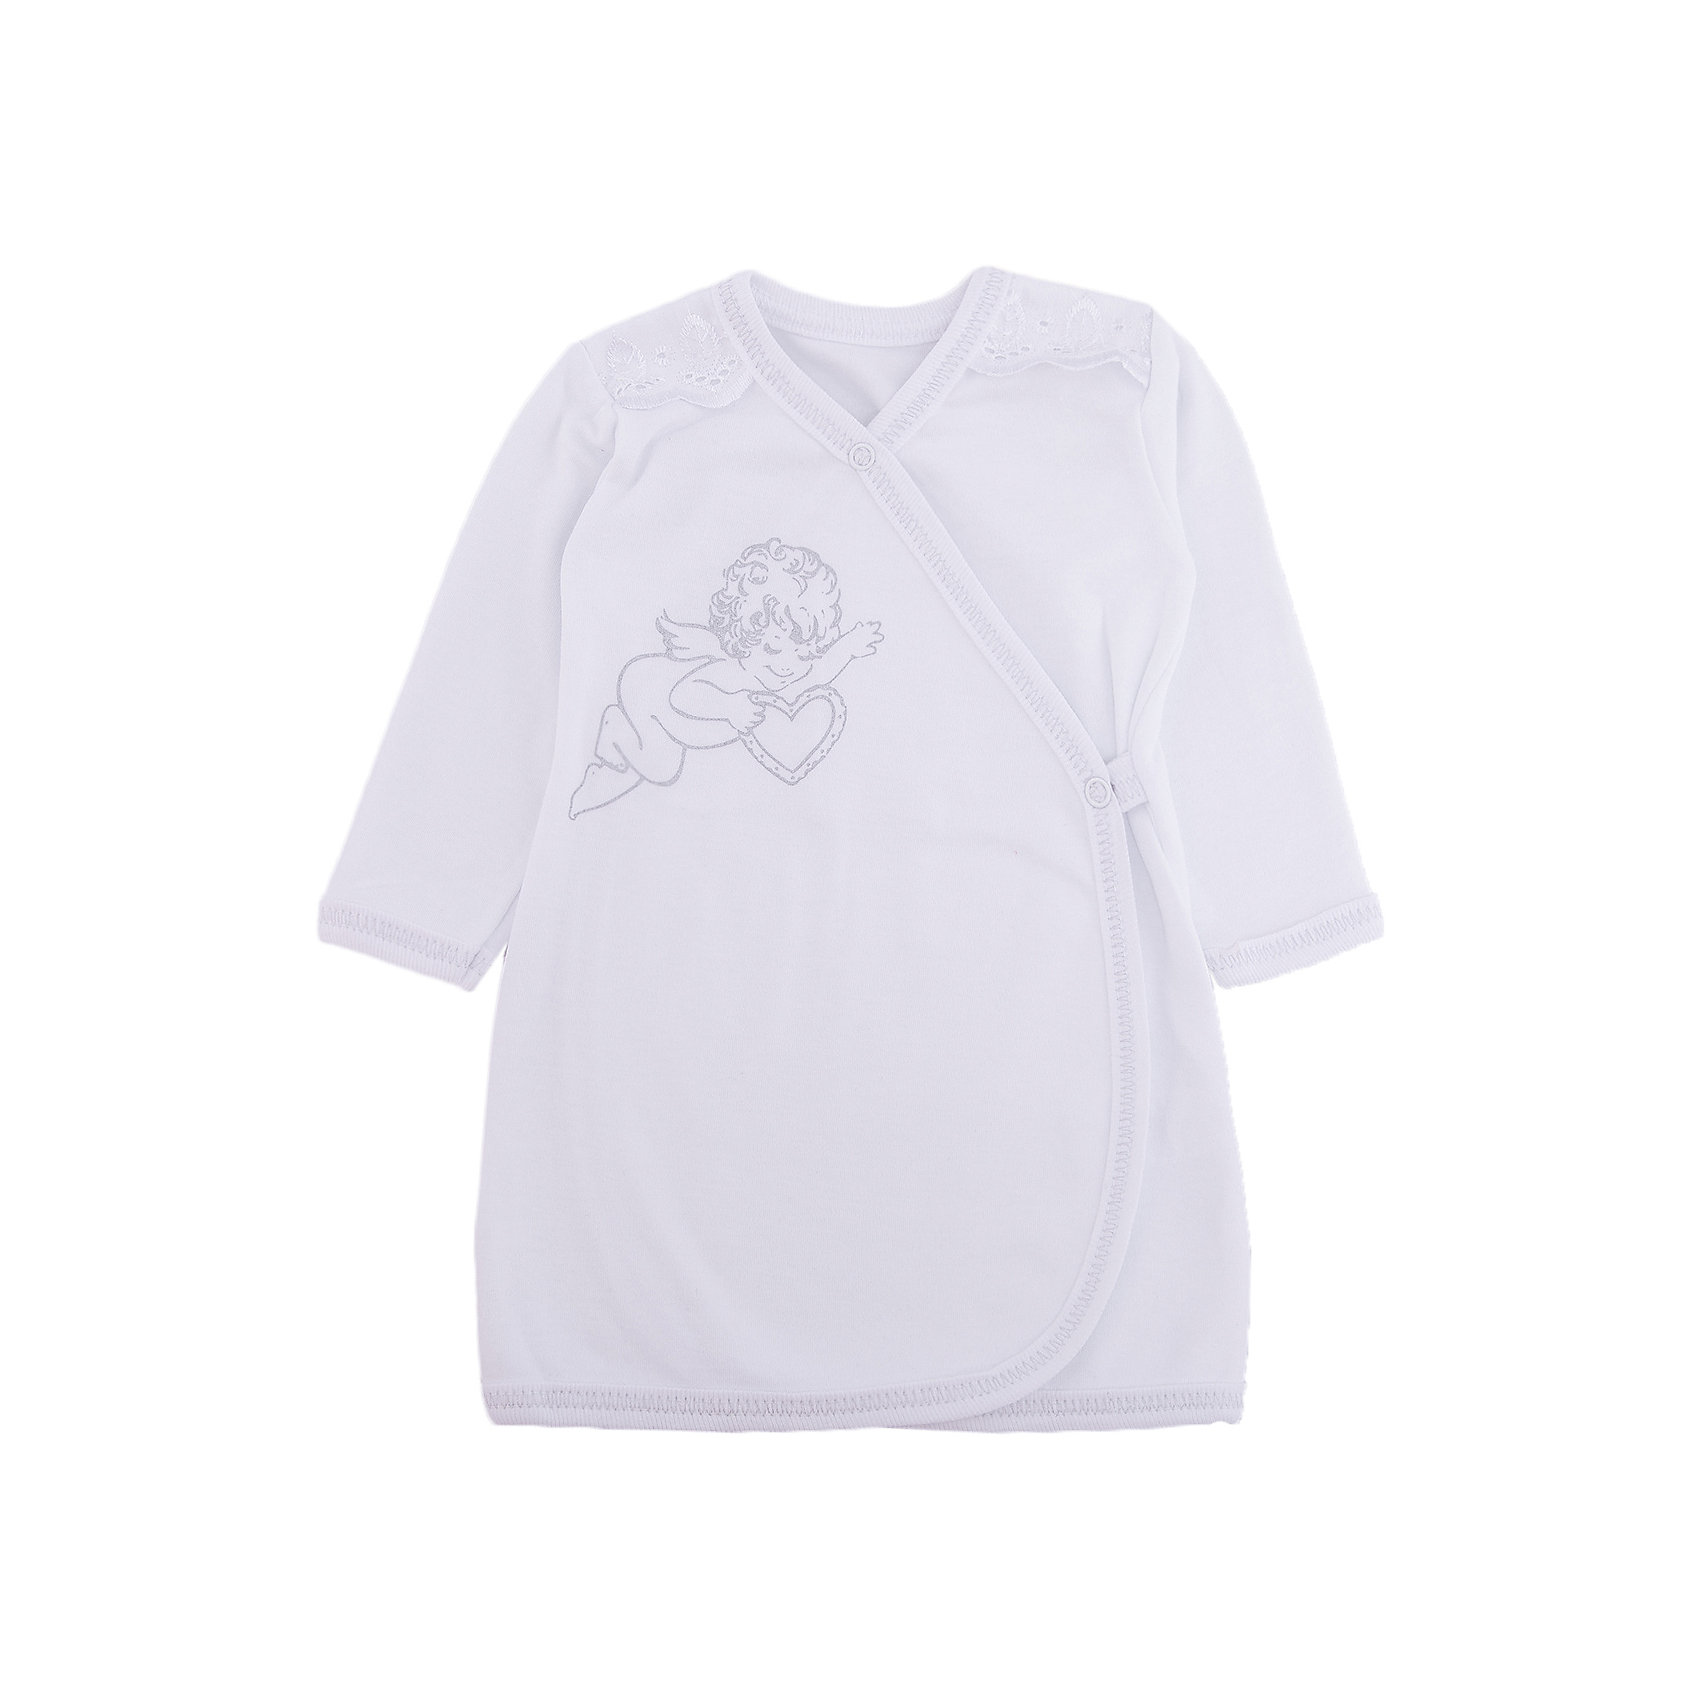 Крестильная рубашка с шитьем, р-р 62,  NewBorn, белыйНаборы одежды, конверты на выписку<br>Характеристики:<br><br>• Вид детской одежды: рубашка с запахом<br>• Предназначение: для крещения<br>• Коллекция: NewBorn<br>• Сезон: круглый год<br>• Пол: для мальчика<br>• Тематика рисунка: ангелы<br>• Размер: 62<br>• Цвет: белый<br>• Материал: трикотаж, хлопок<br>• Длина рукава: длинные<br>• Запах: спереди<br>• Застежка: спереди на кнопке<br>• Декорирована широкой тесьмой из шитья <br>• Передняя полочка украшена термонаклейкой в виде ангела<br>• Особенности ухода: допускается деликатная стирка без использования красящих и отбеливающих средств<br><br>Крестильная рубашка с шитьем, р-р 62, NewBorn, белый из коллекции NewBorn от отечественного швейного производства ТексПром предназначена для создания праздничного образа мальчика во время торжественного обряда крещения. Коллекция NewBorn сочетает в себе классические и современные тенденции в мире моды для новорожденных, при этом сохраняются самые лучшие традиции при технологии изготовления детской одежды: свободный крой, внешние швы и натуральные ткани.  Рубашка с длинными рукавами выполнена из трикотажа, все края которой обработаны трикотажной бейкой. Изделие имеет передний запах с застежкой на кнопке, что обеспечивает его легкое одевание. Праздничный образ создается за счет отделки из широкого шитья на плечиках и термонаклейки на передней полочке в виде ангела. <br><br>Крестильную рубашку с шитьем, р-р 62, NewBorn, белый можно купить в нашем интернет-магазине.<br><br>Ширина мм: 220<br>Глубина мм: 5<br>Высота мм: 400<br>Вес г: 200<br>Возраст от месяцев: 0<br>Возраст до месяцев: 3<br>Пол: Мужской<br>Возраст: Детский<br>SKU: 4912524